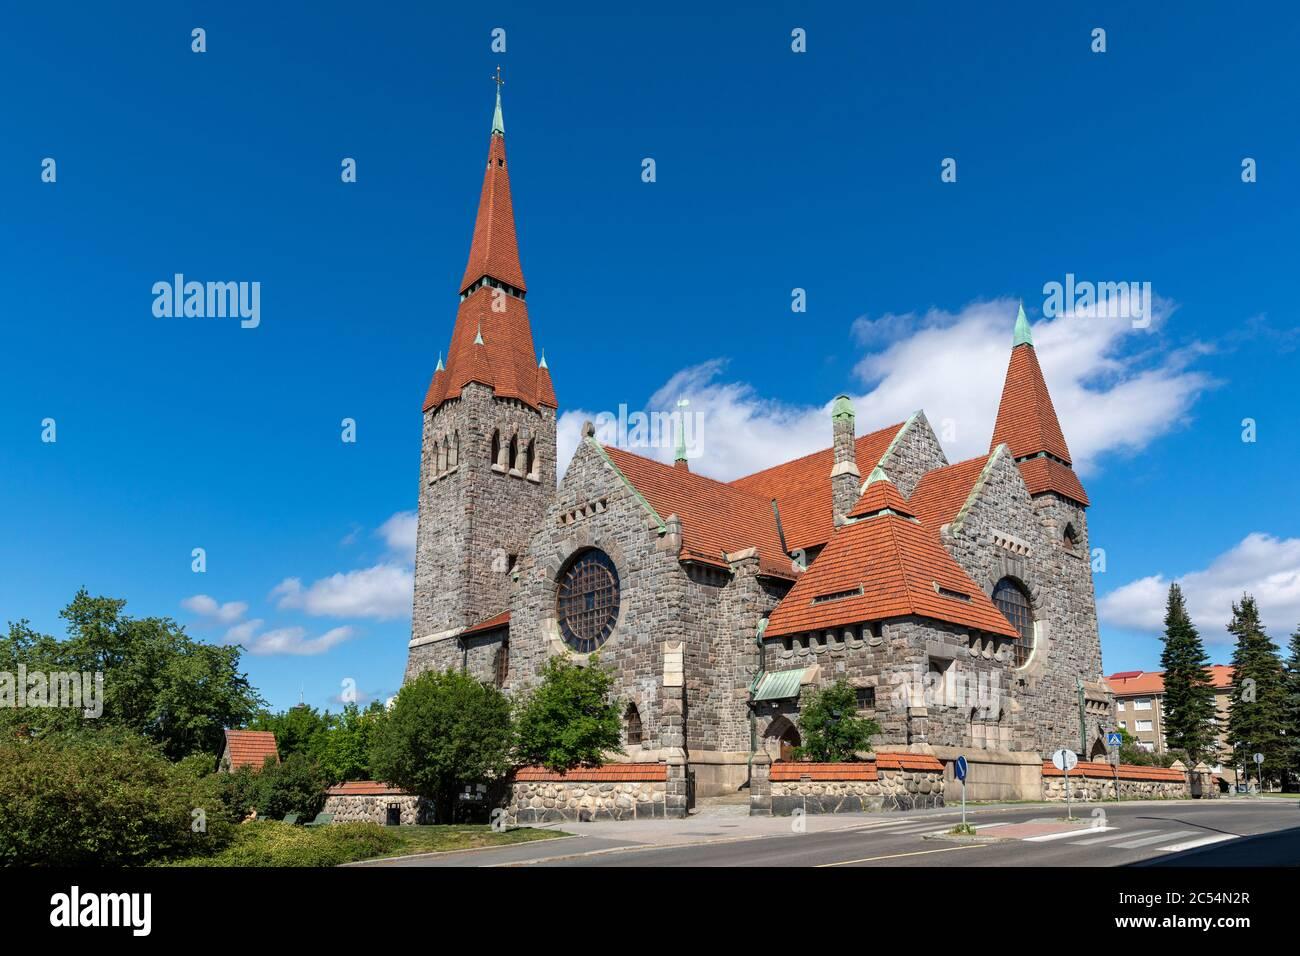 Iglesia histórica exterior de piedra con el sol brillante del verano Foto de stock